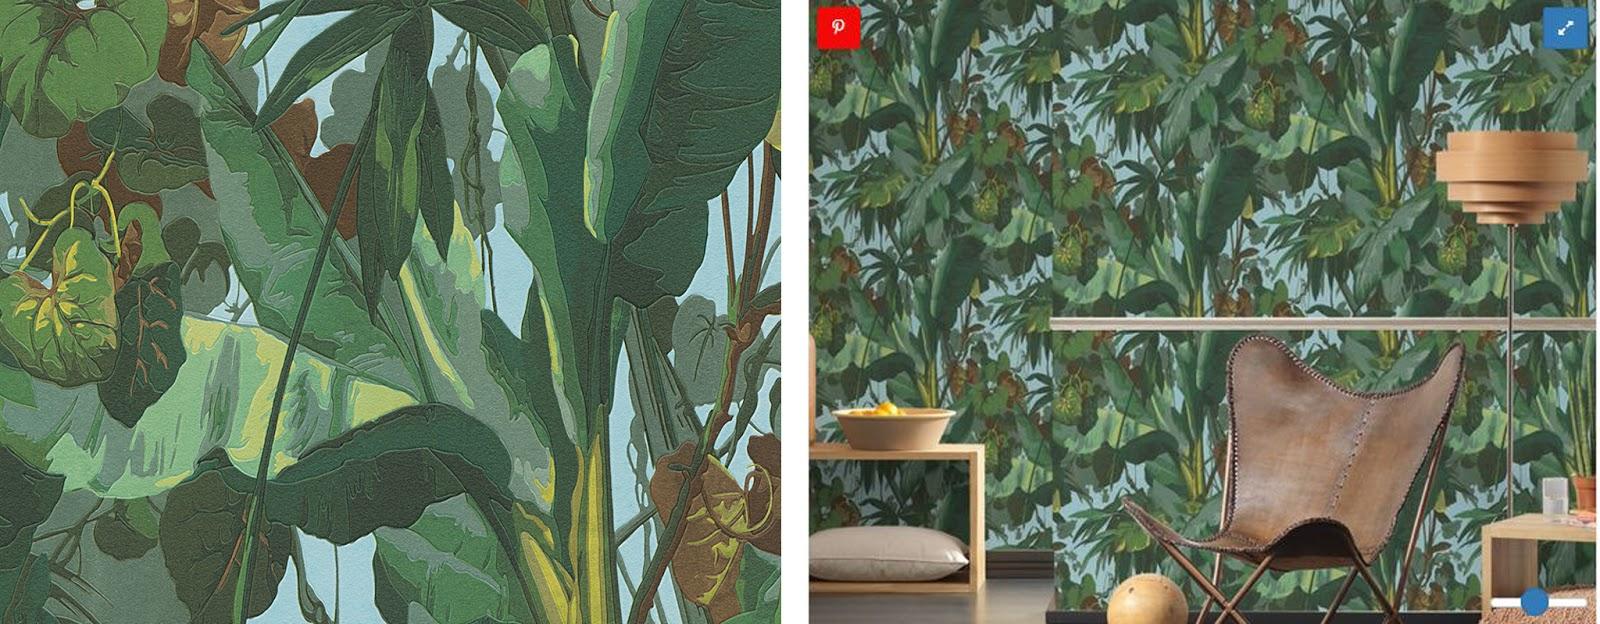 mayalade design trends 2016 urban jungle. Black Bedroom Furniture Sets. Home Design Ideas